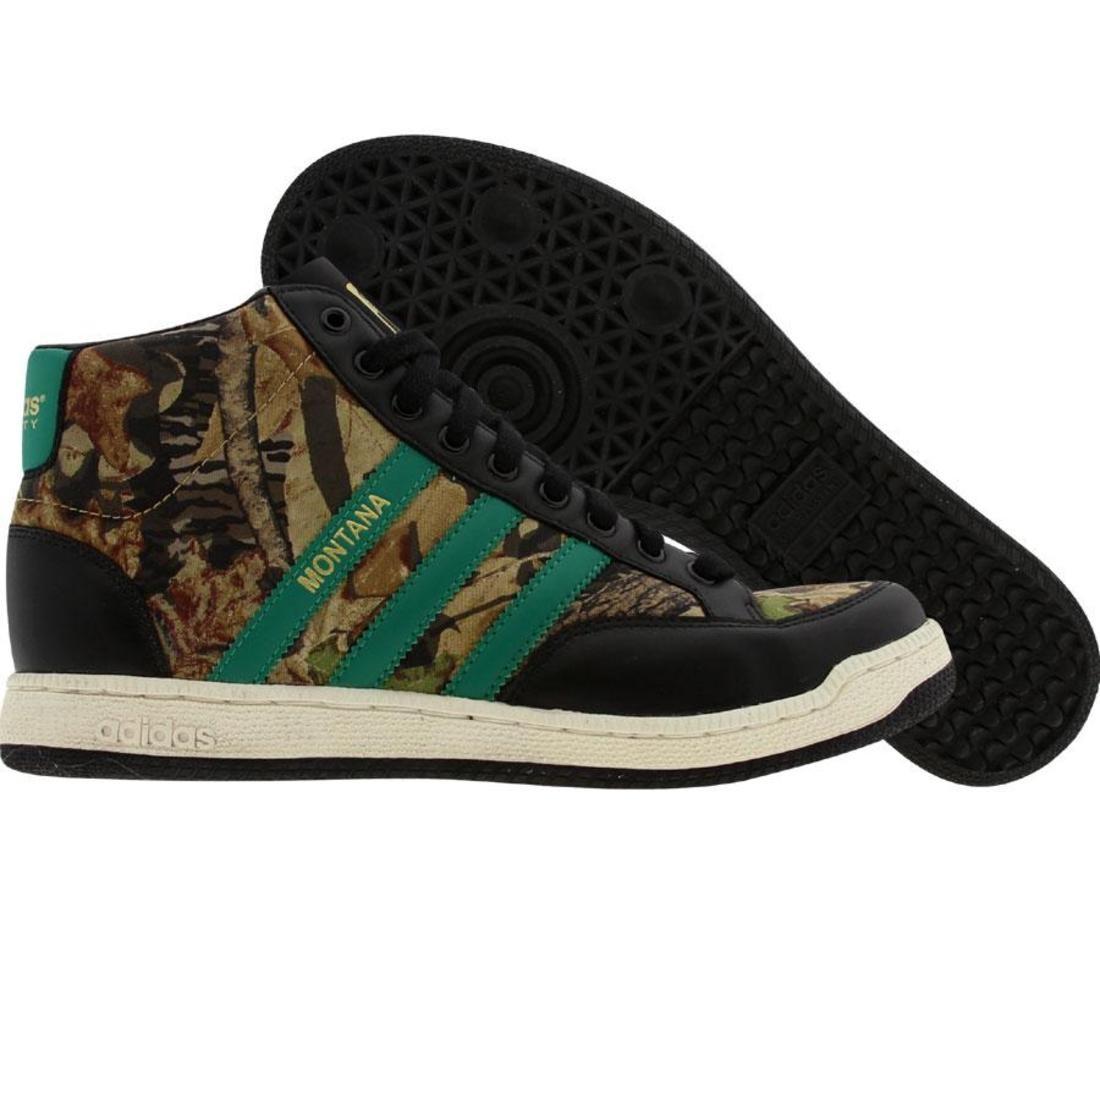 【海外限定】アディダス モンタナ スニーカー メンズ靴 【 ADIDAS MONTANA HI M BLACK TWGREE LEGACY 】